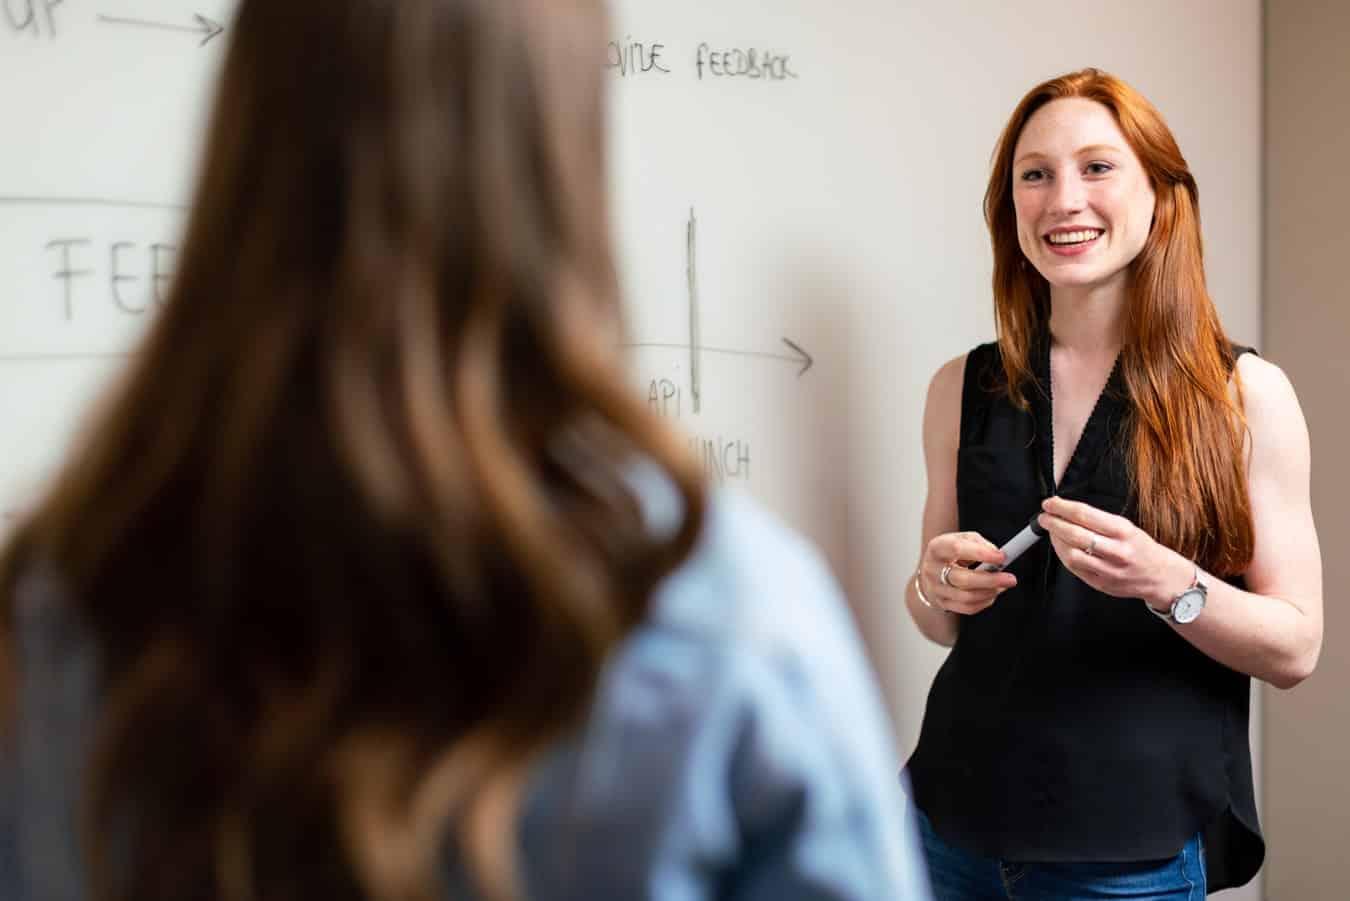 מחשבון פנסיה תקציבית למורים, חישוב פנסיה תקציבית למורים